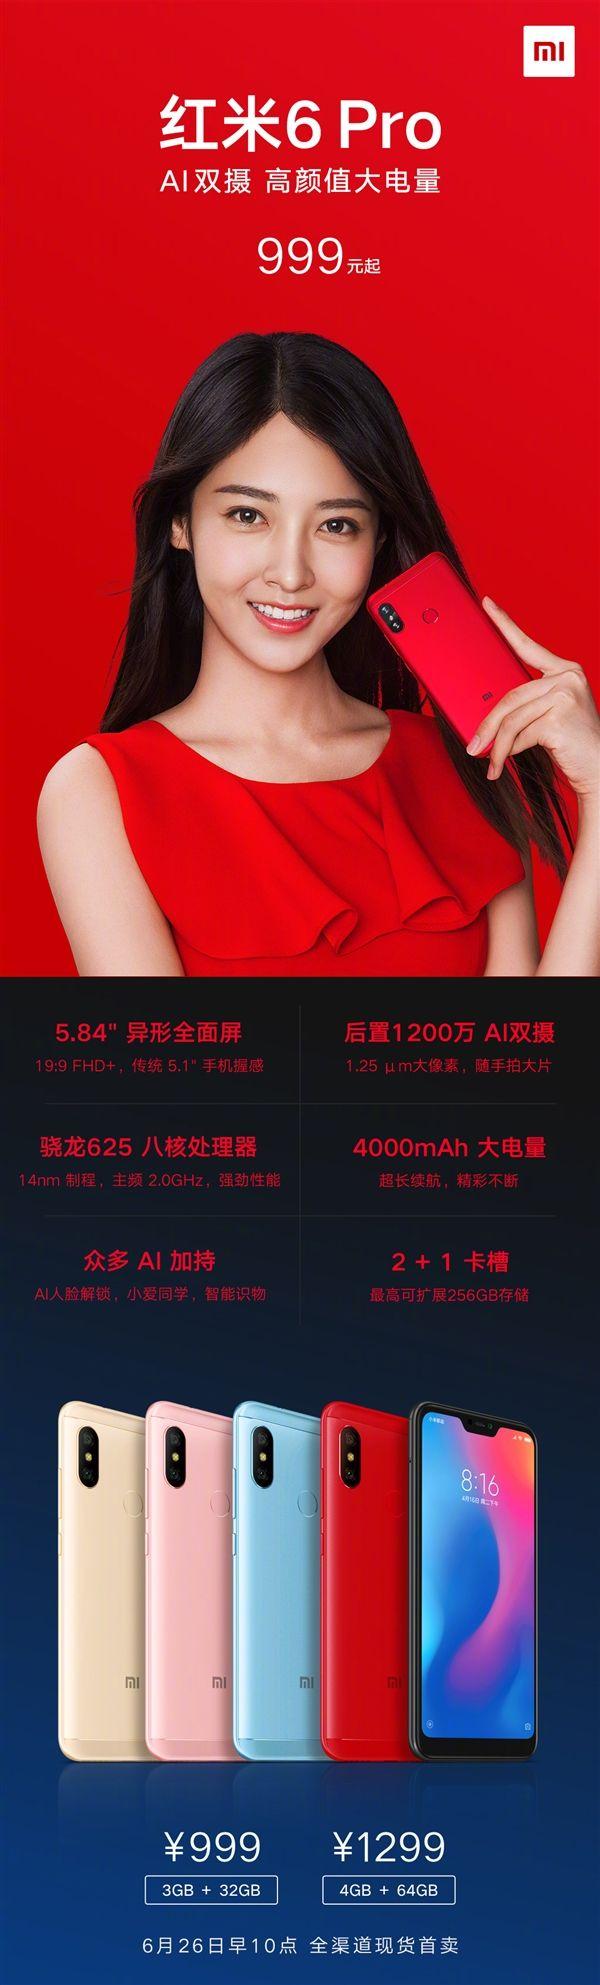 Вышел Xiaomi Redmi 6 Pro. Что может смартфон за $153? – фото 11